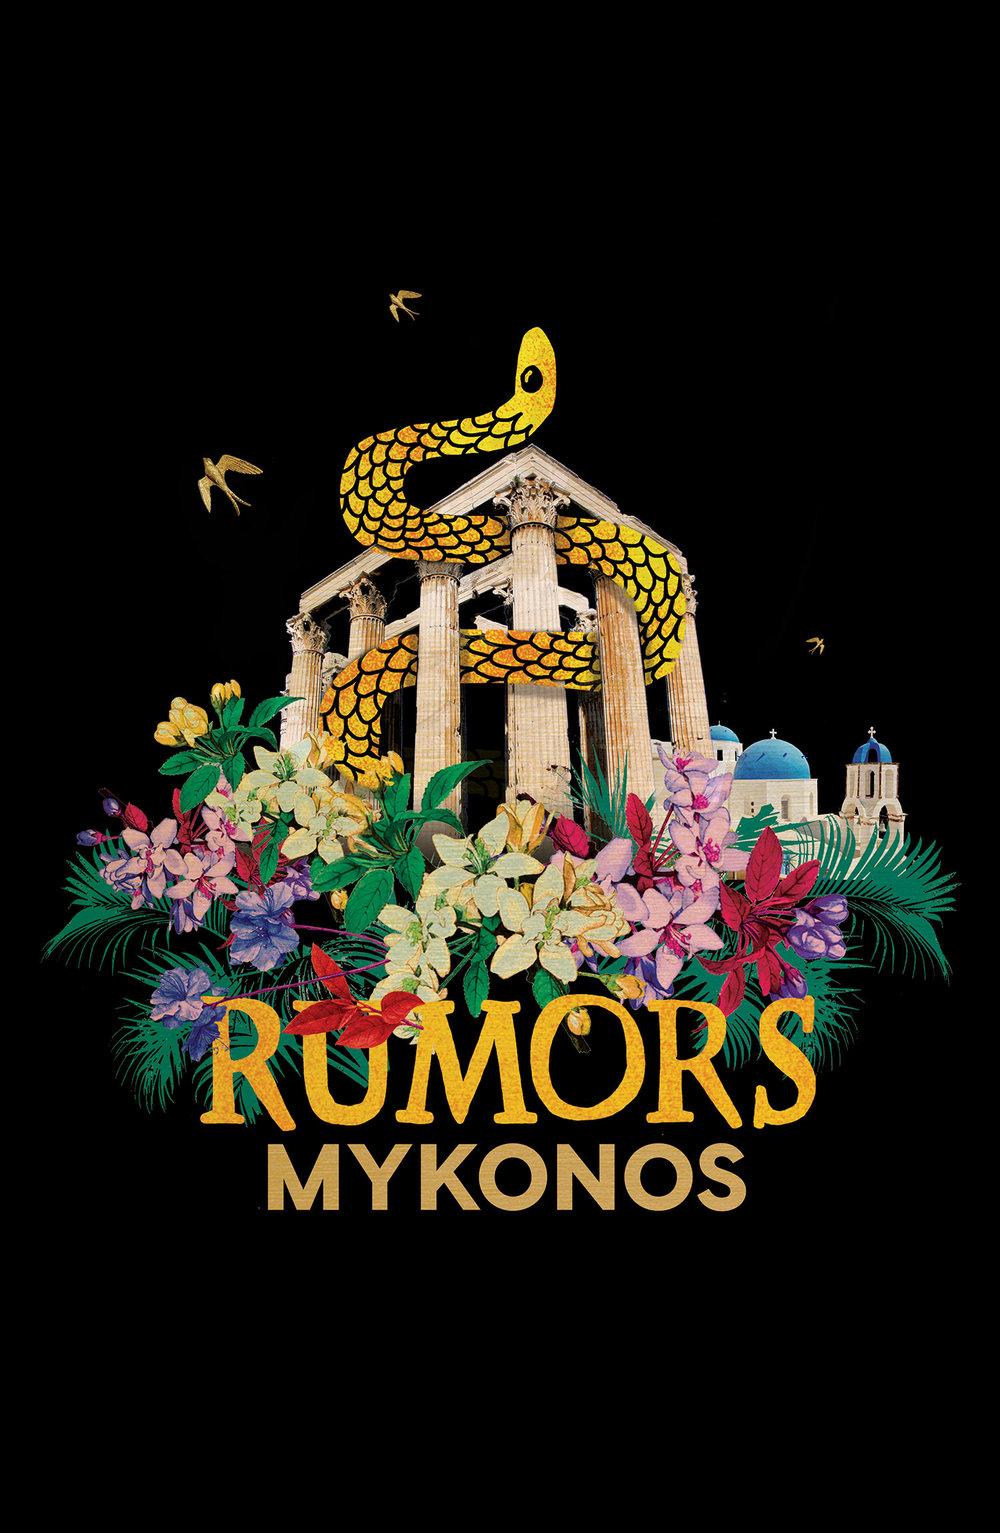 04-Rumors-Mykonos.jpg